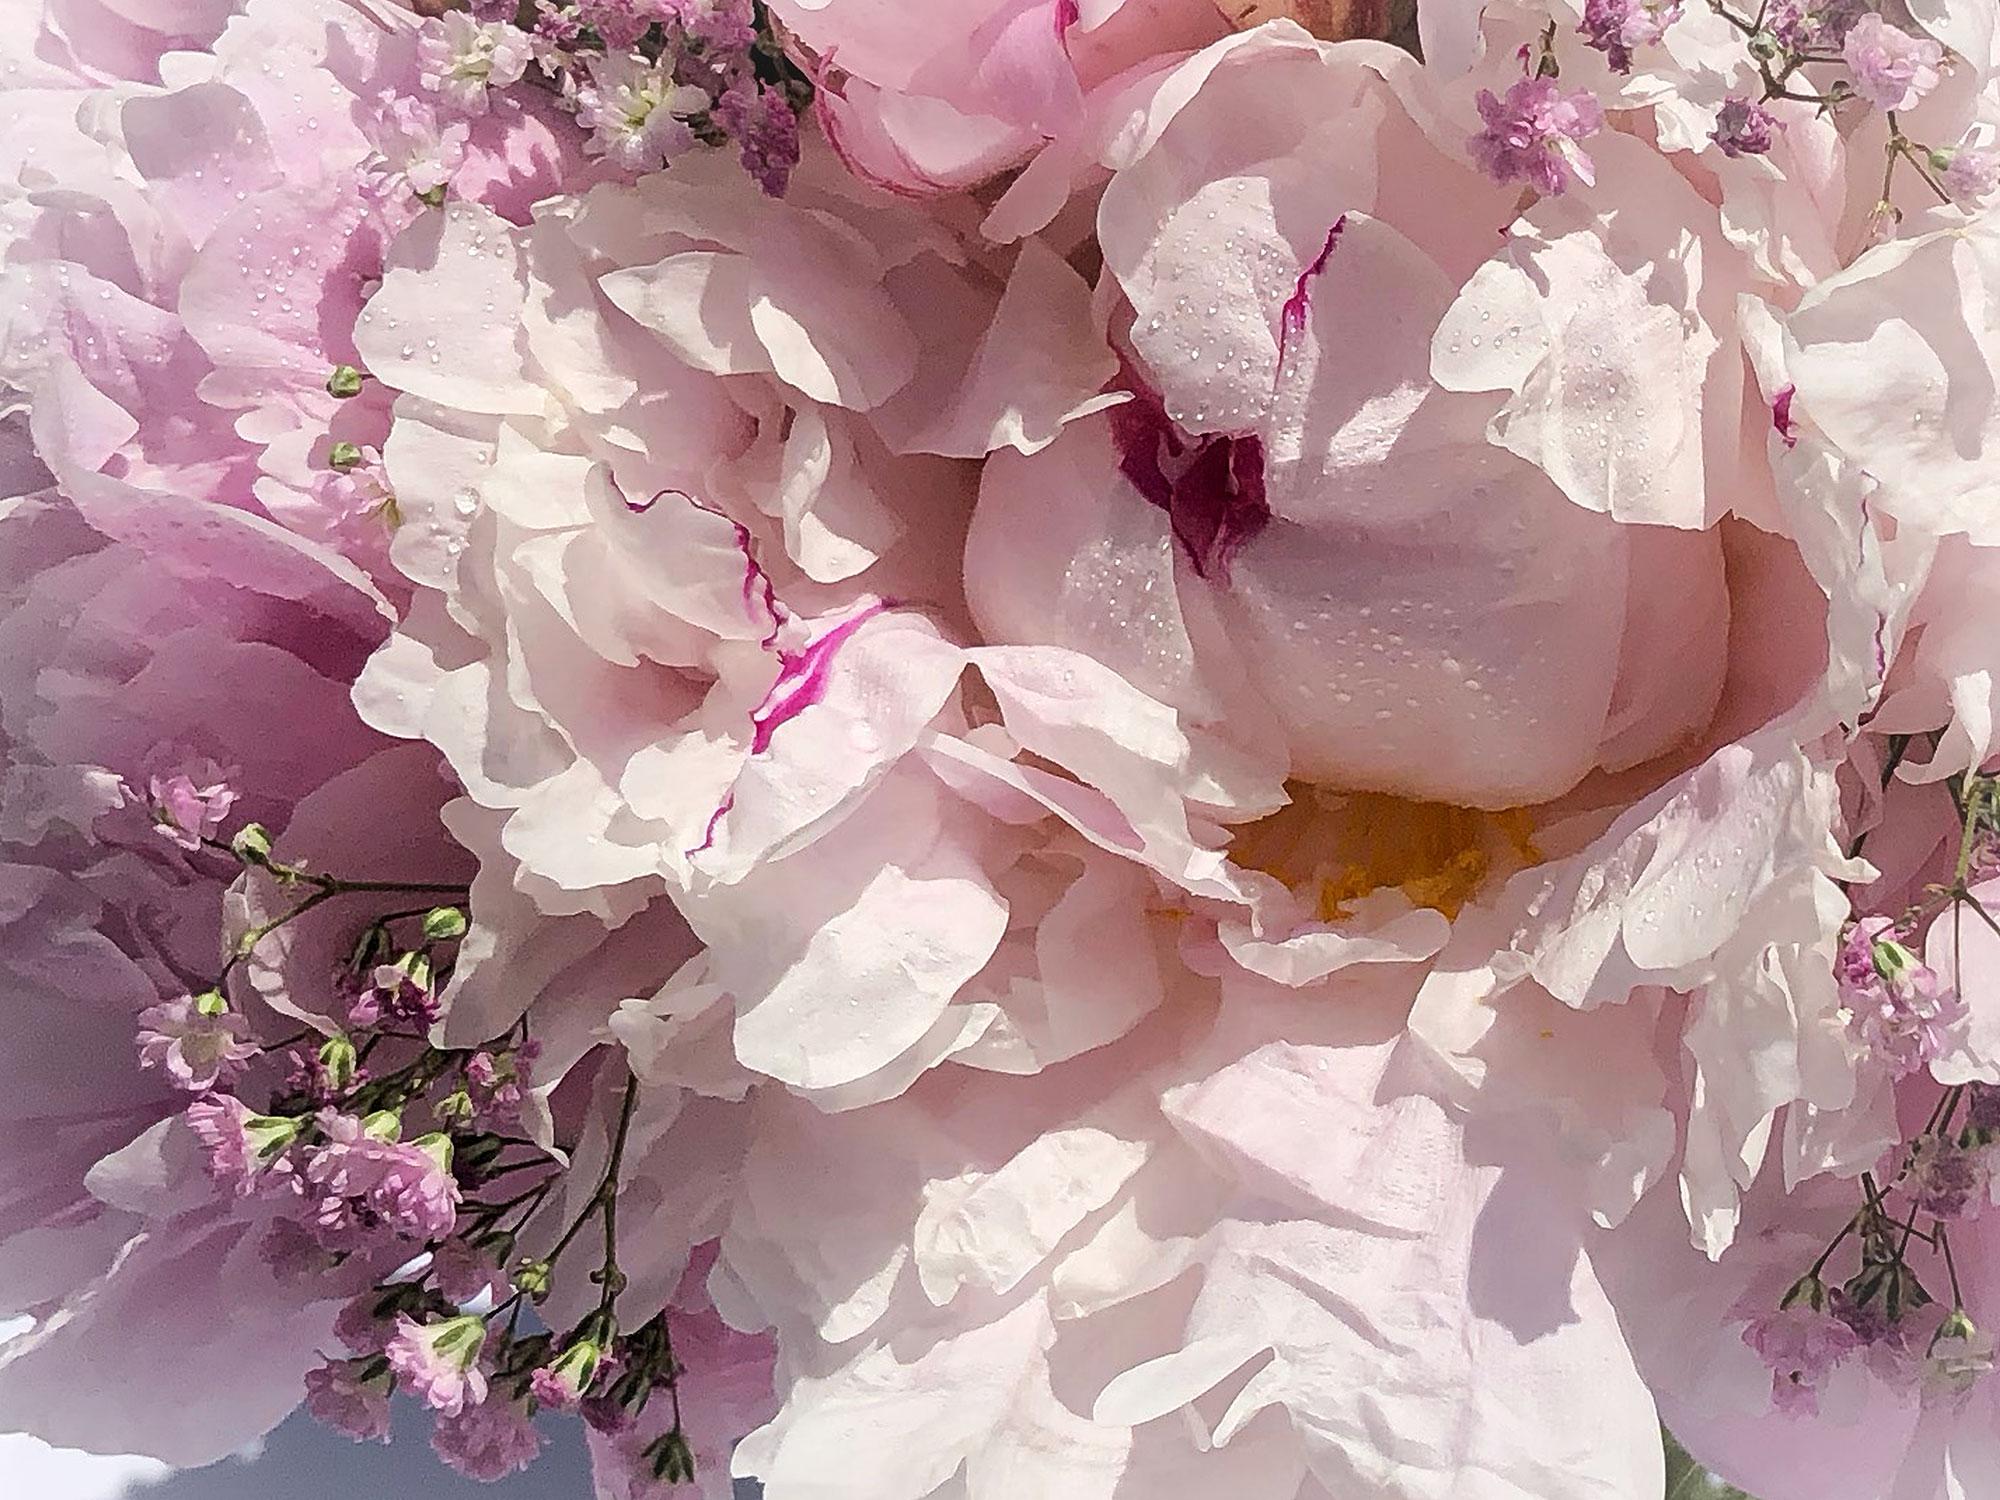 Hochzeit-Dekoration Blumenstrauss